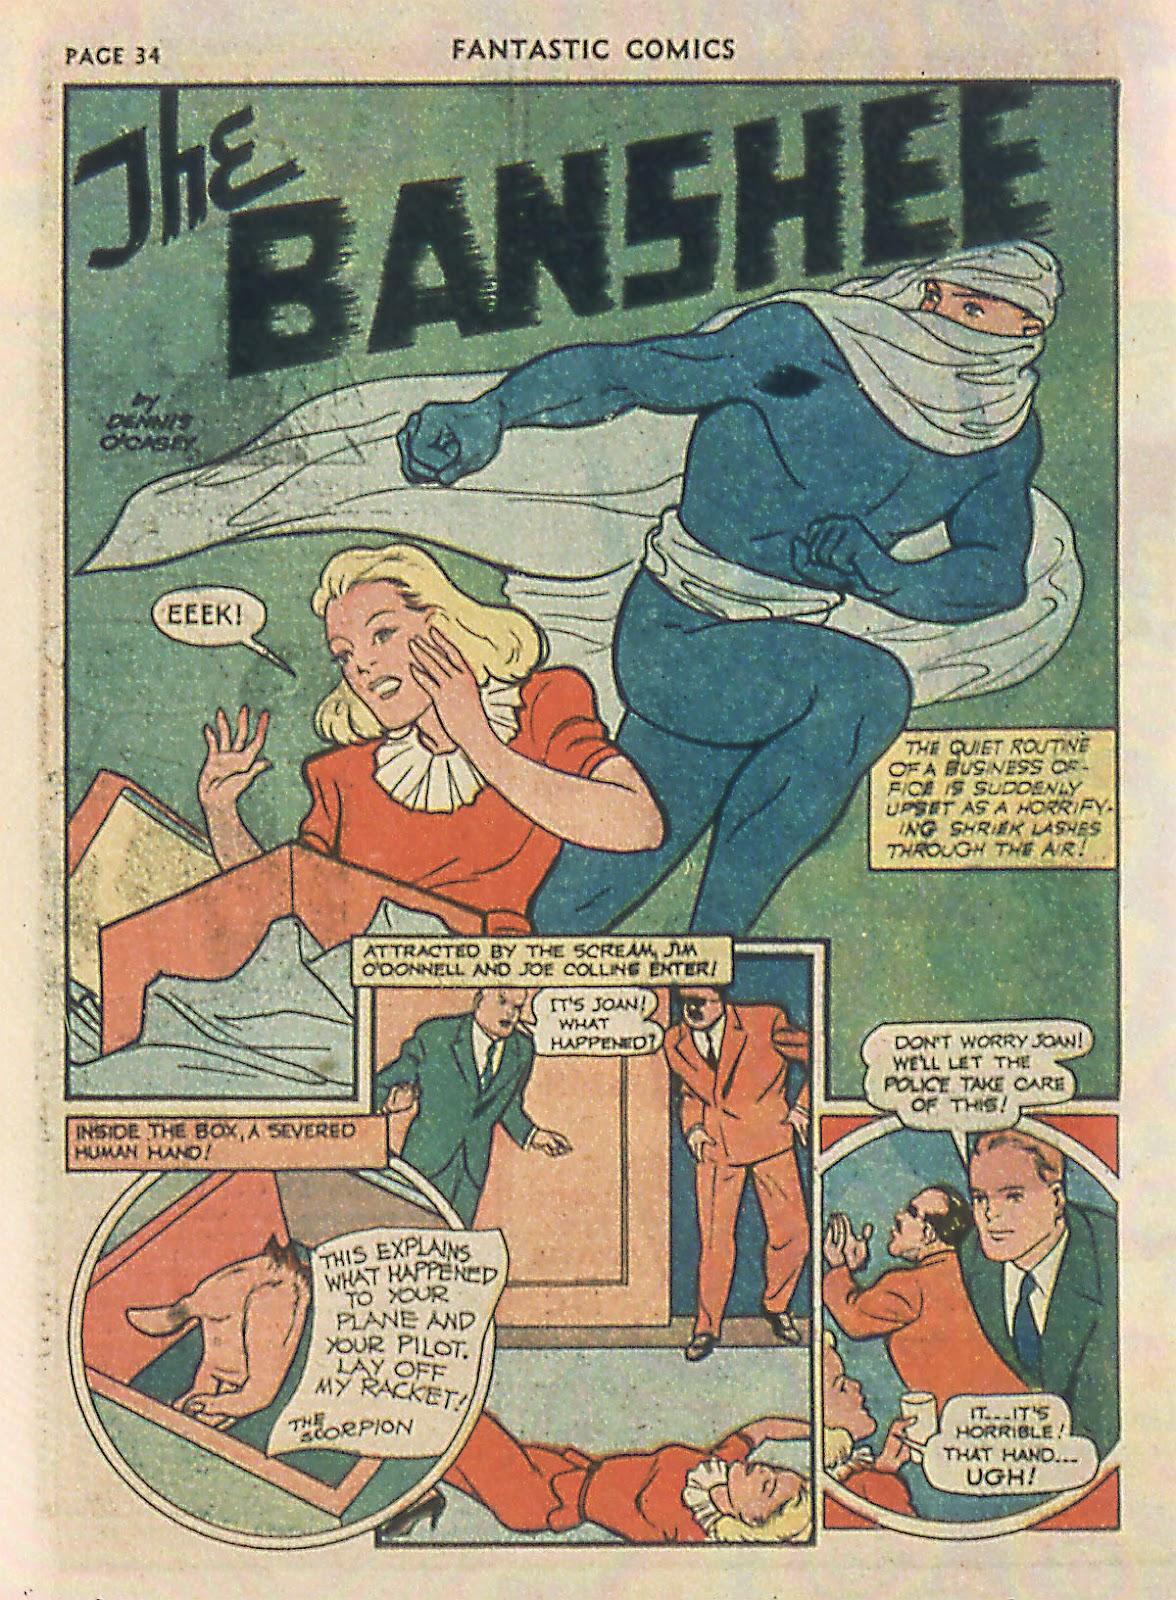 Read online Fantastic Comics comic -  Issue #22 - 35